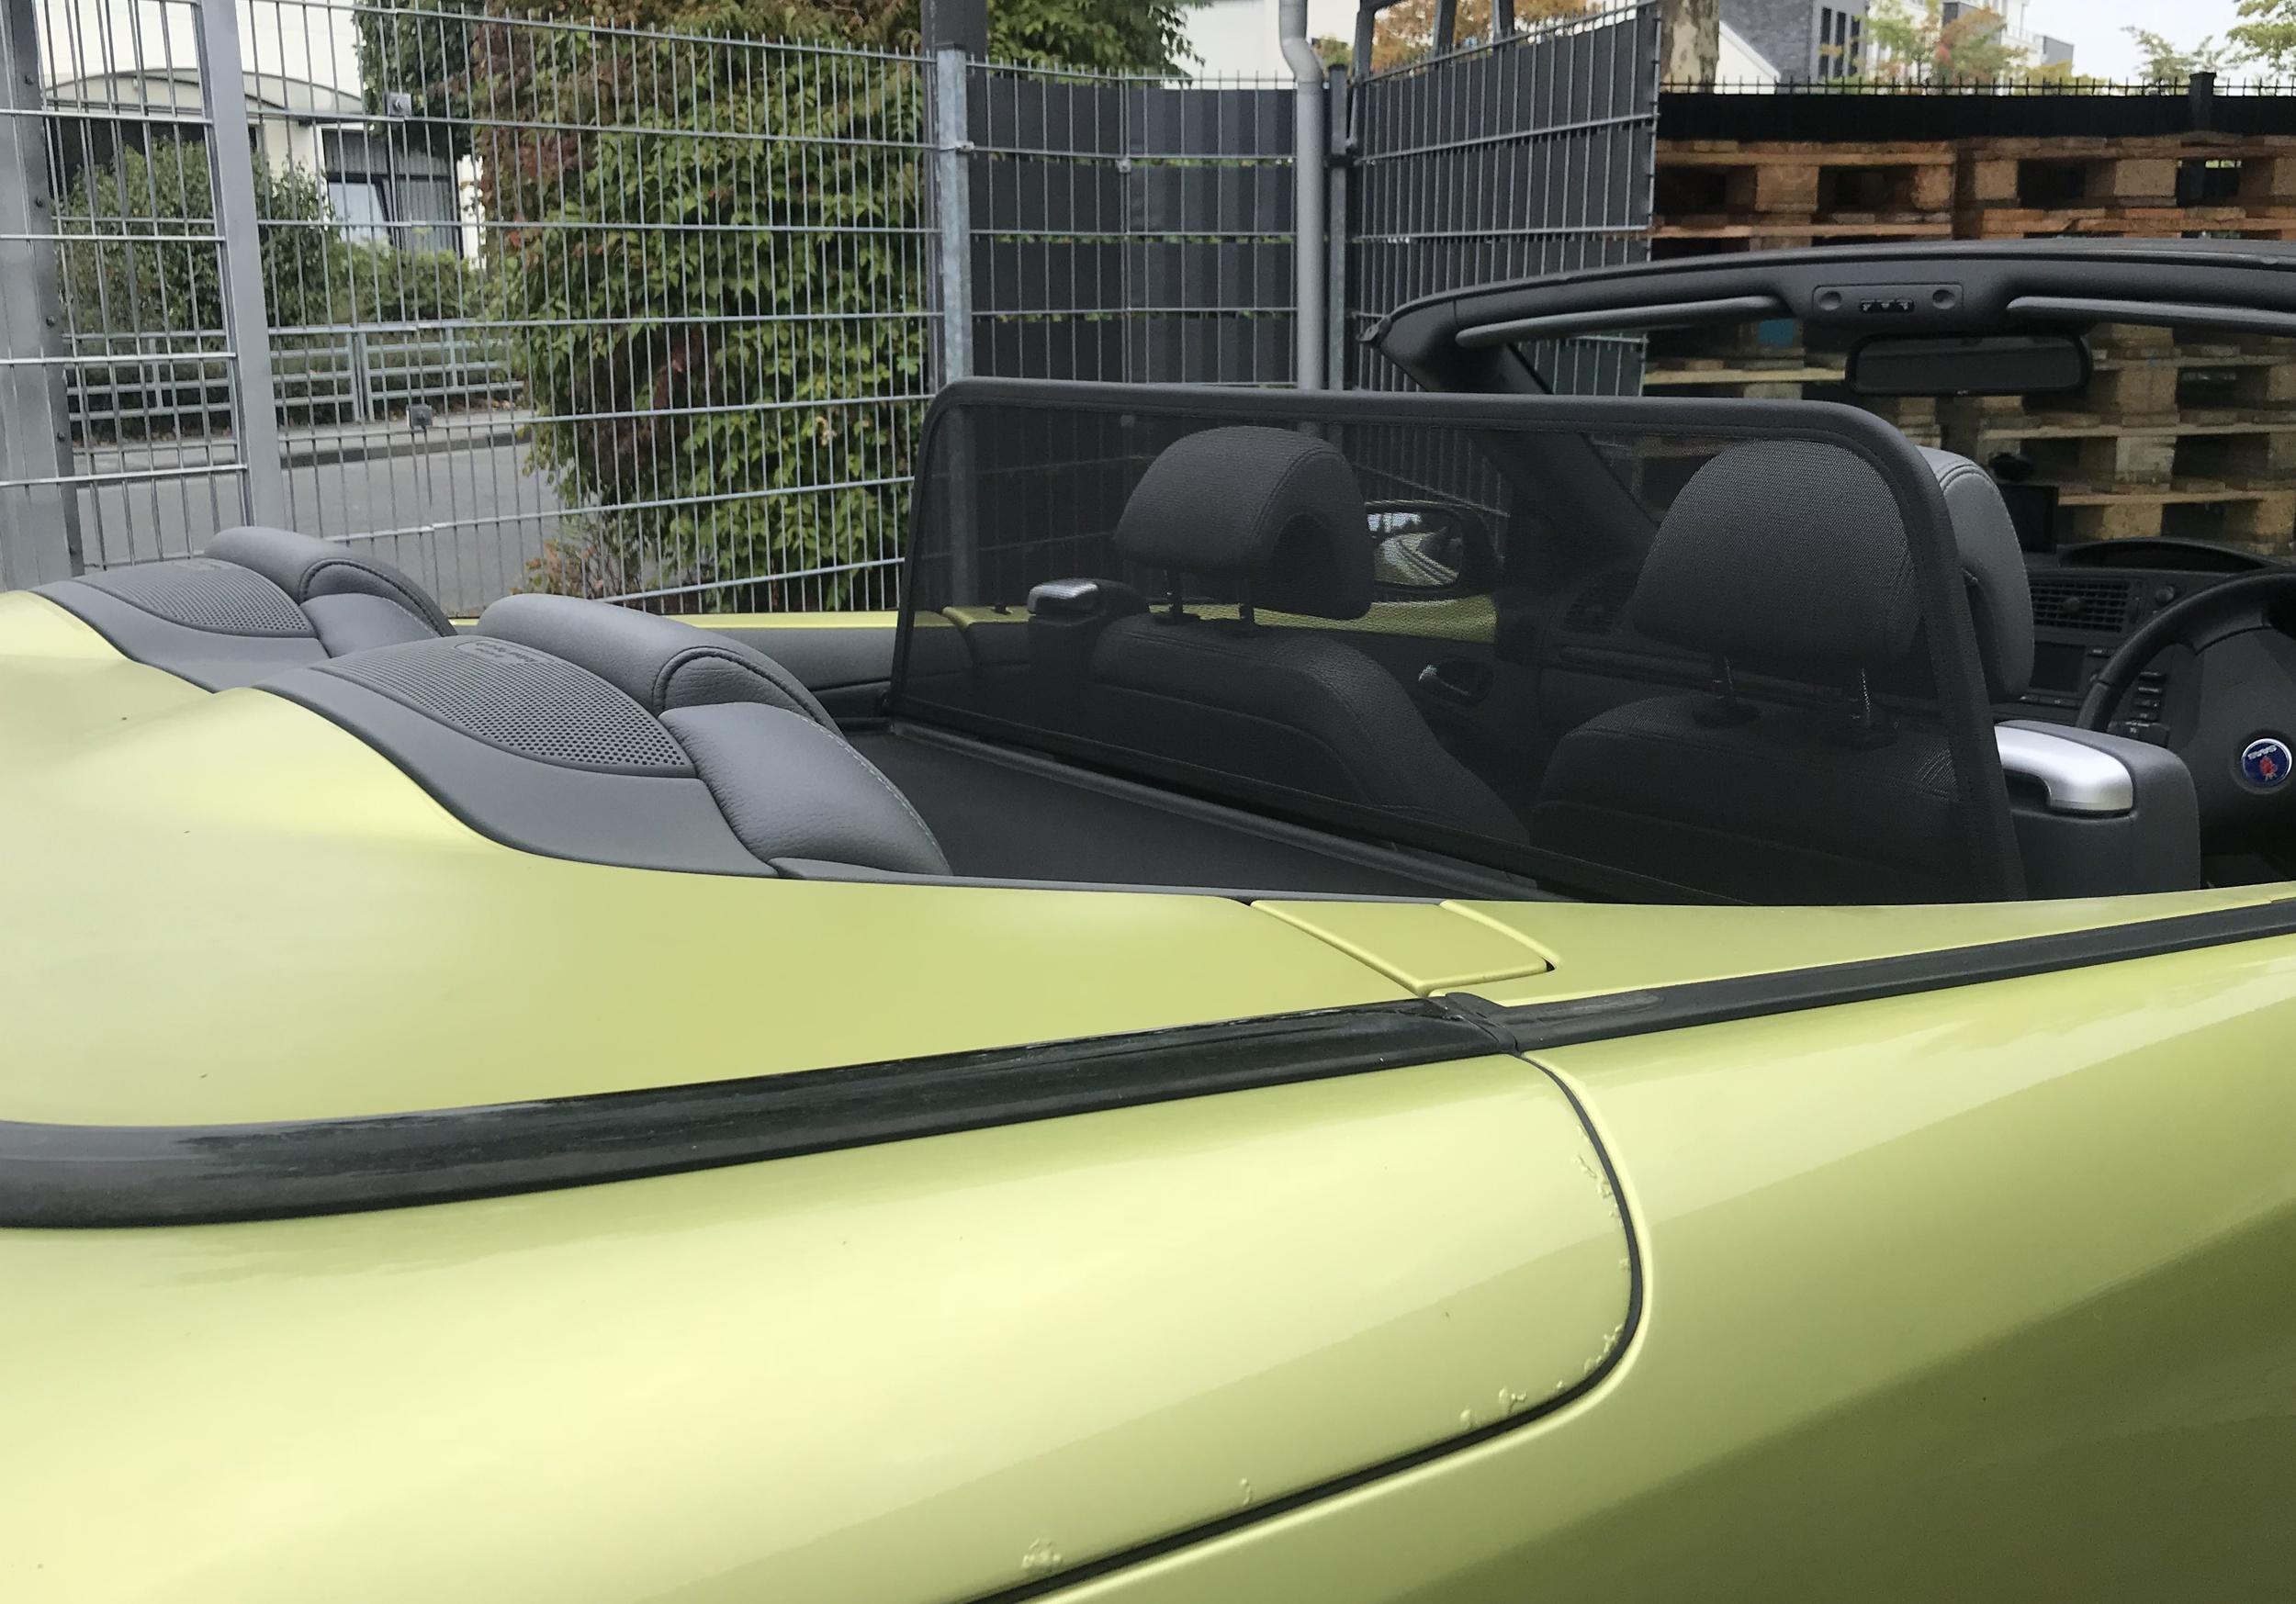 Hauptlager Pleuellagersatz STD Opel Saab Vauxhall Astra J 2,0 CDTI A20DTH NEU